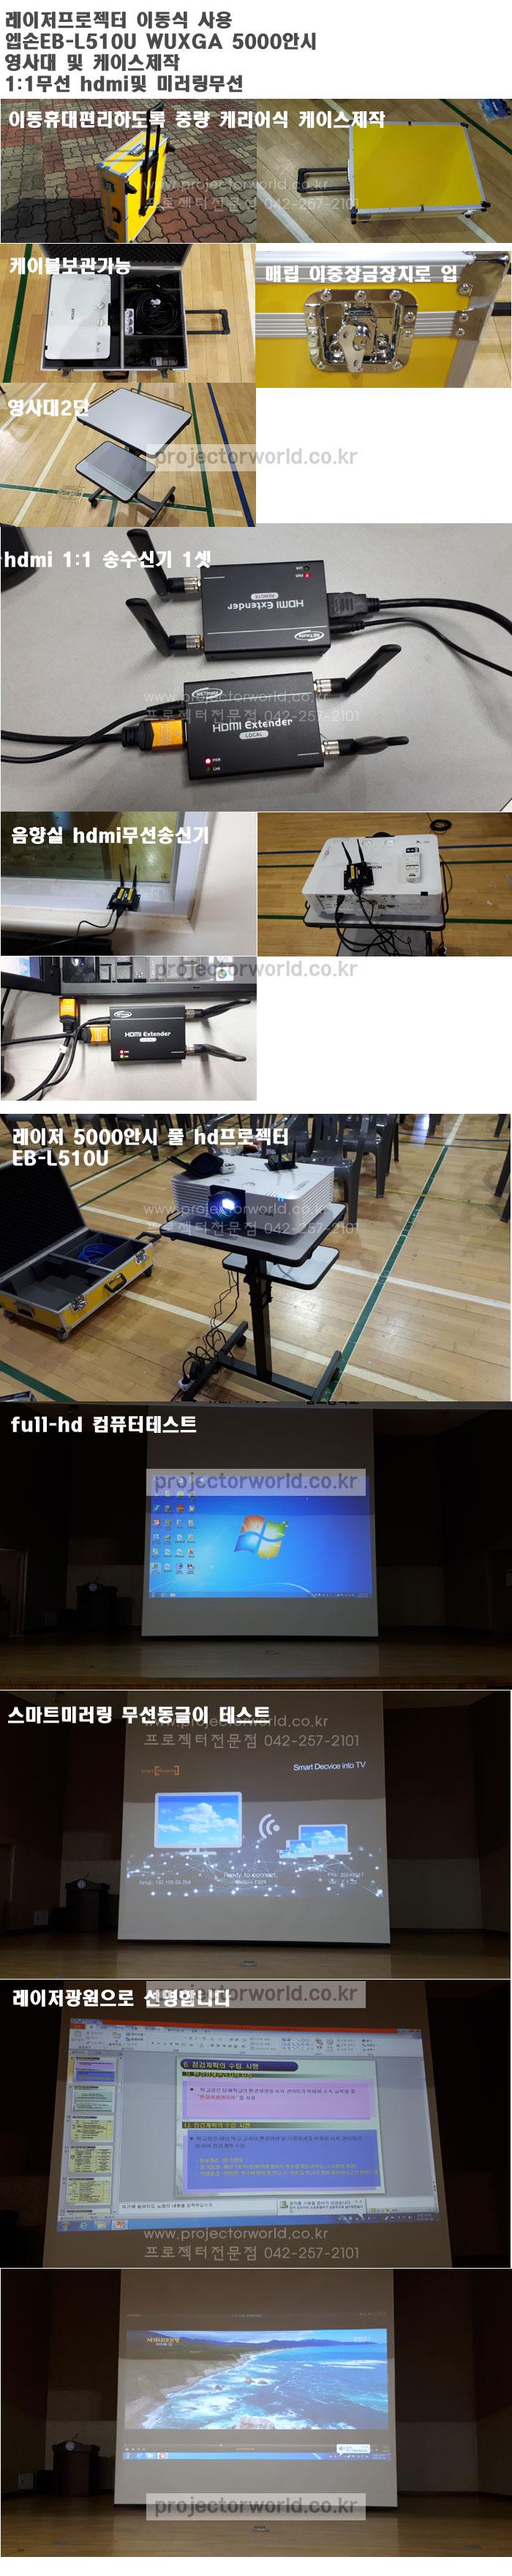 eb-l510u,레이저빔5000안시,대전엡손빔,세종프로젝터빔,EB-L510U,영사대,무선hdmi영상,